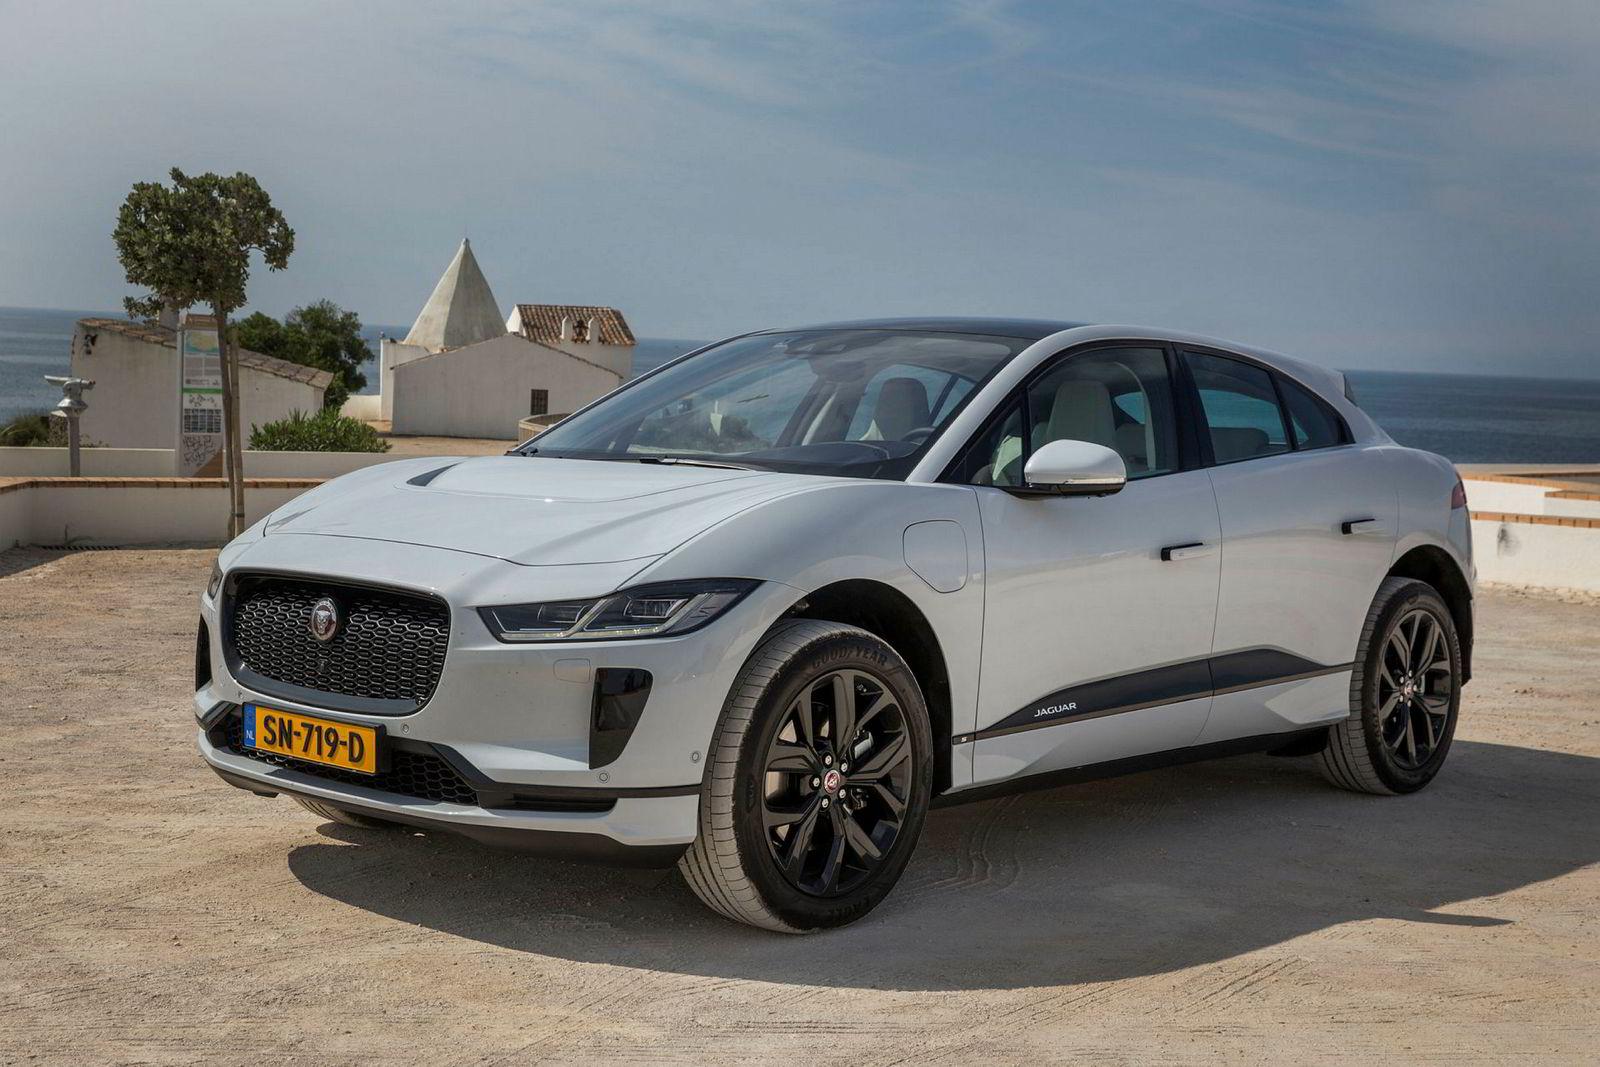 DN testet Jaguars nye elbil, I-pace, i Portugal mai 2018. Bilen kan har 400 hestekrefter og en startpris på 600 tusen kroner.